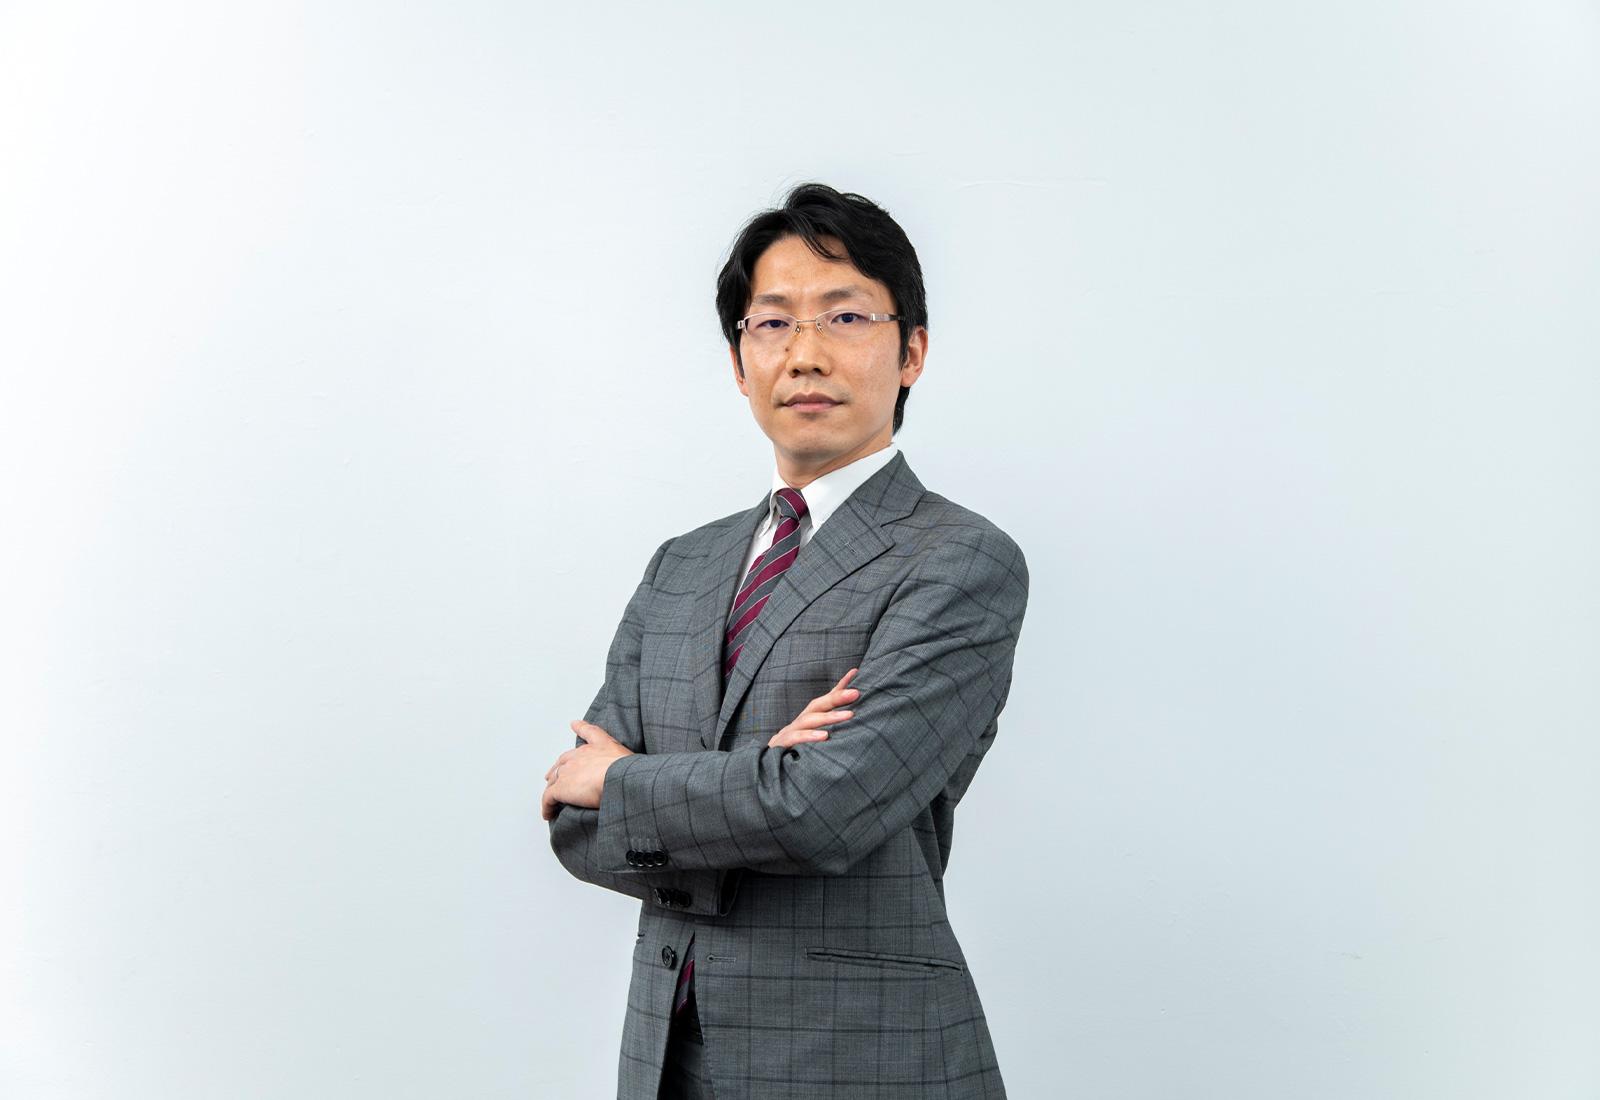 柴田 健次